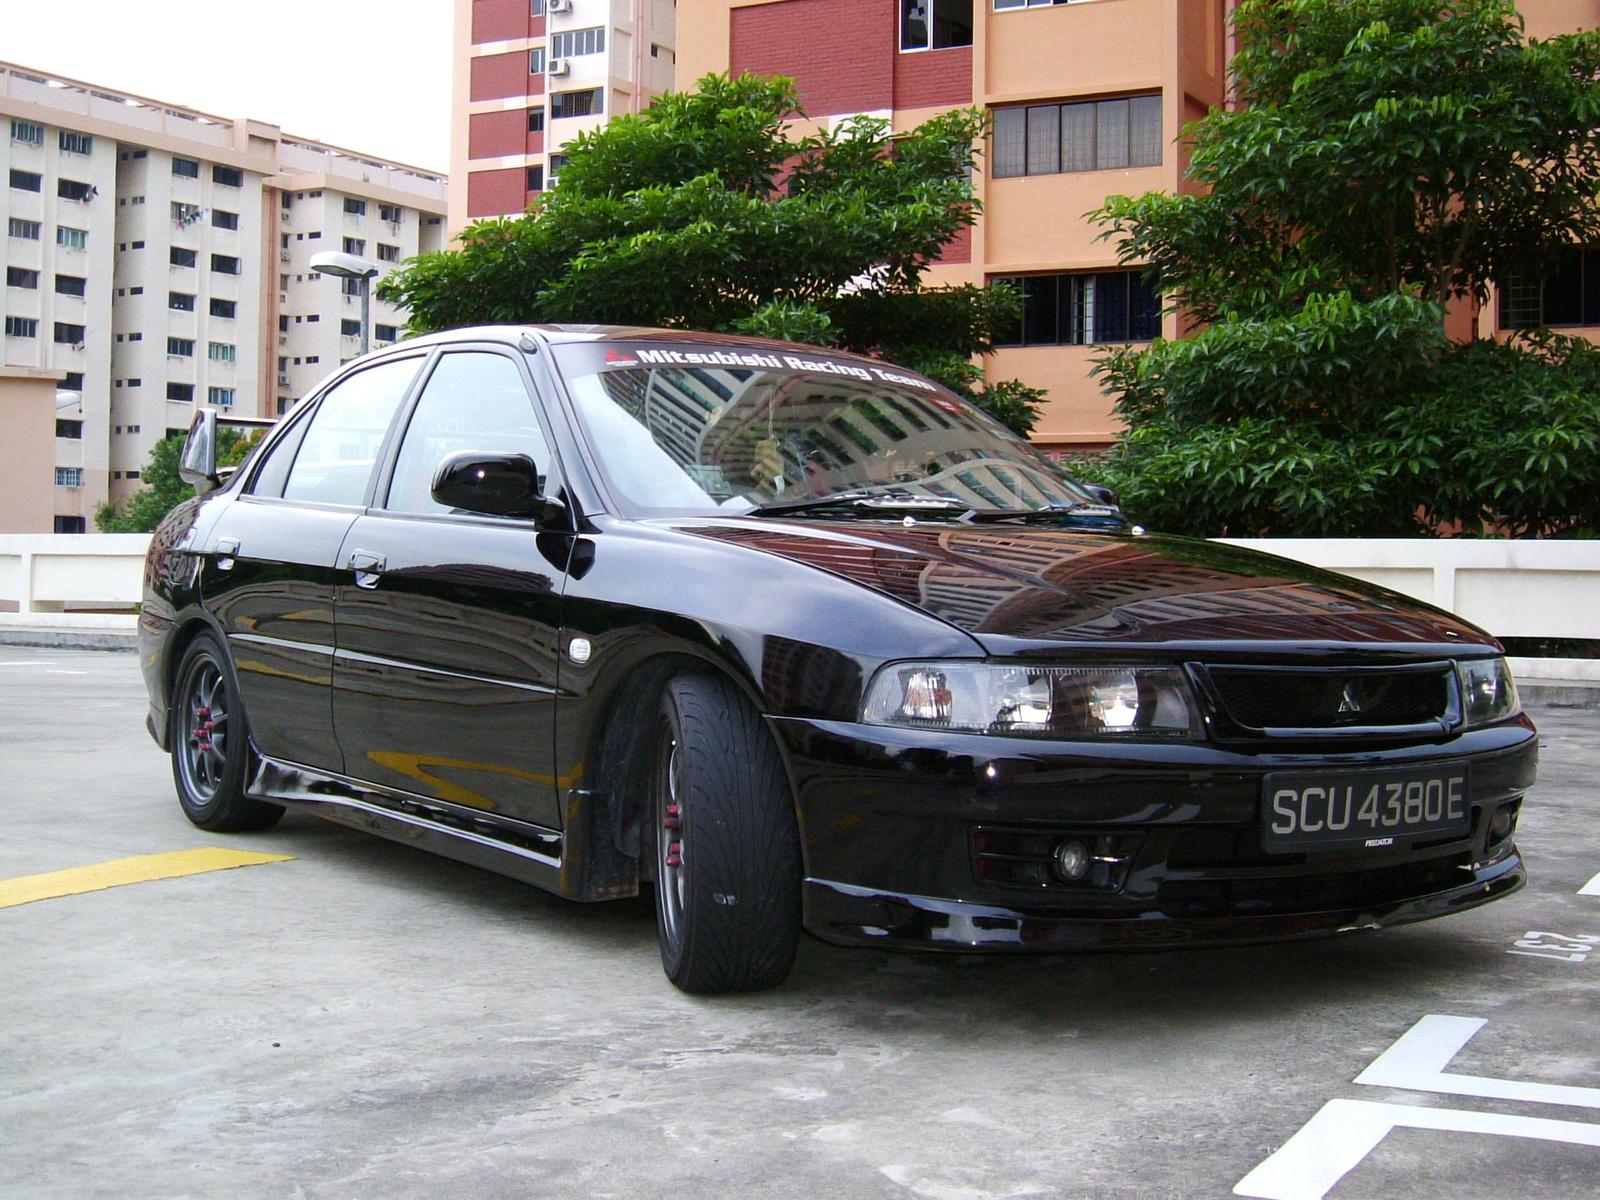 2002 Mitsubishi Lancer picture